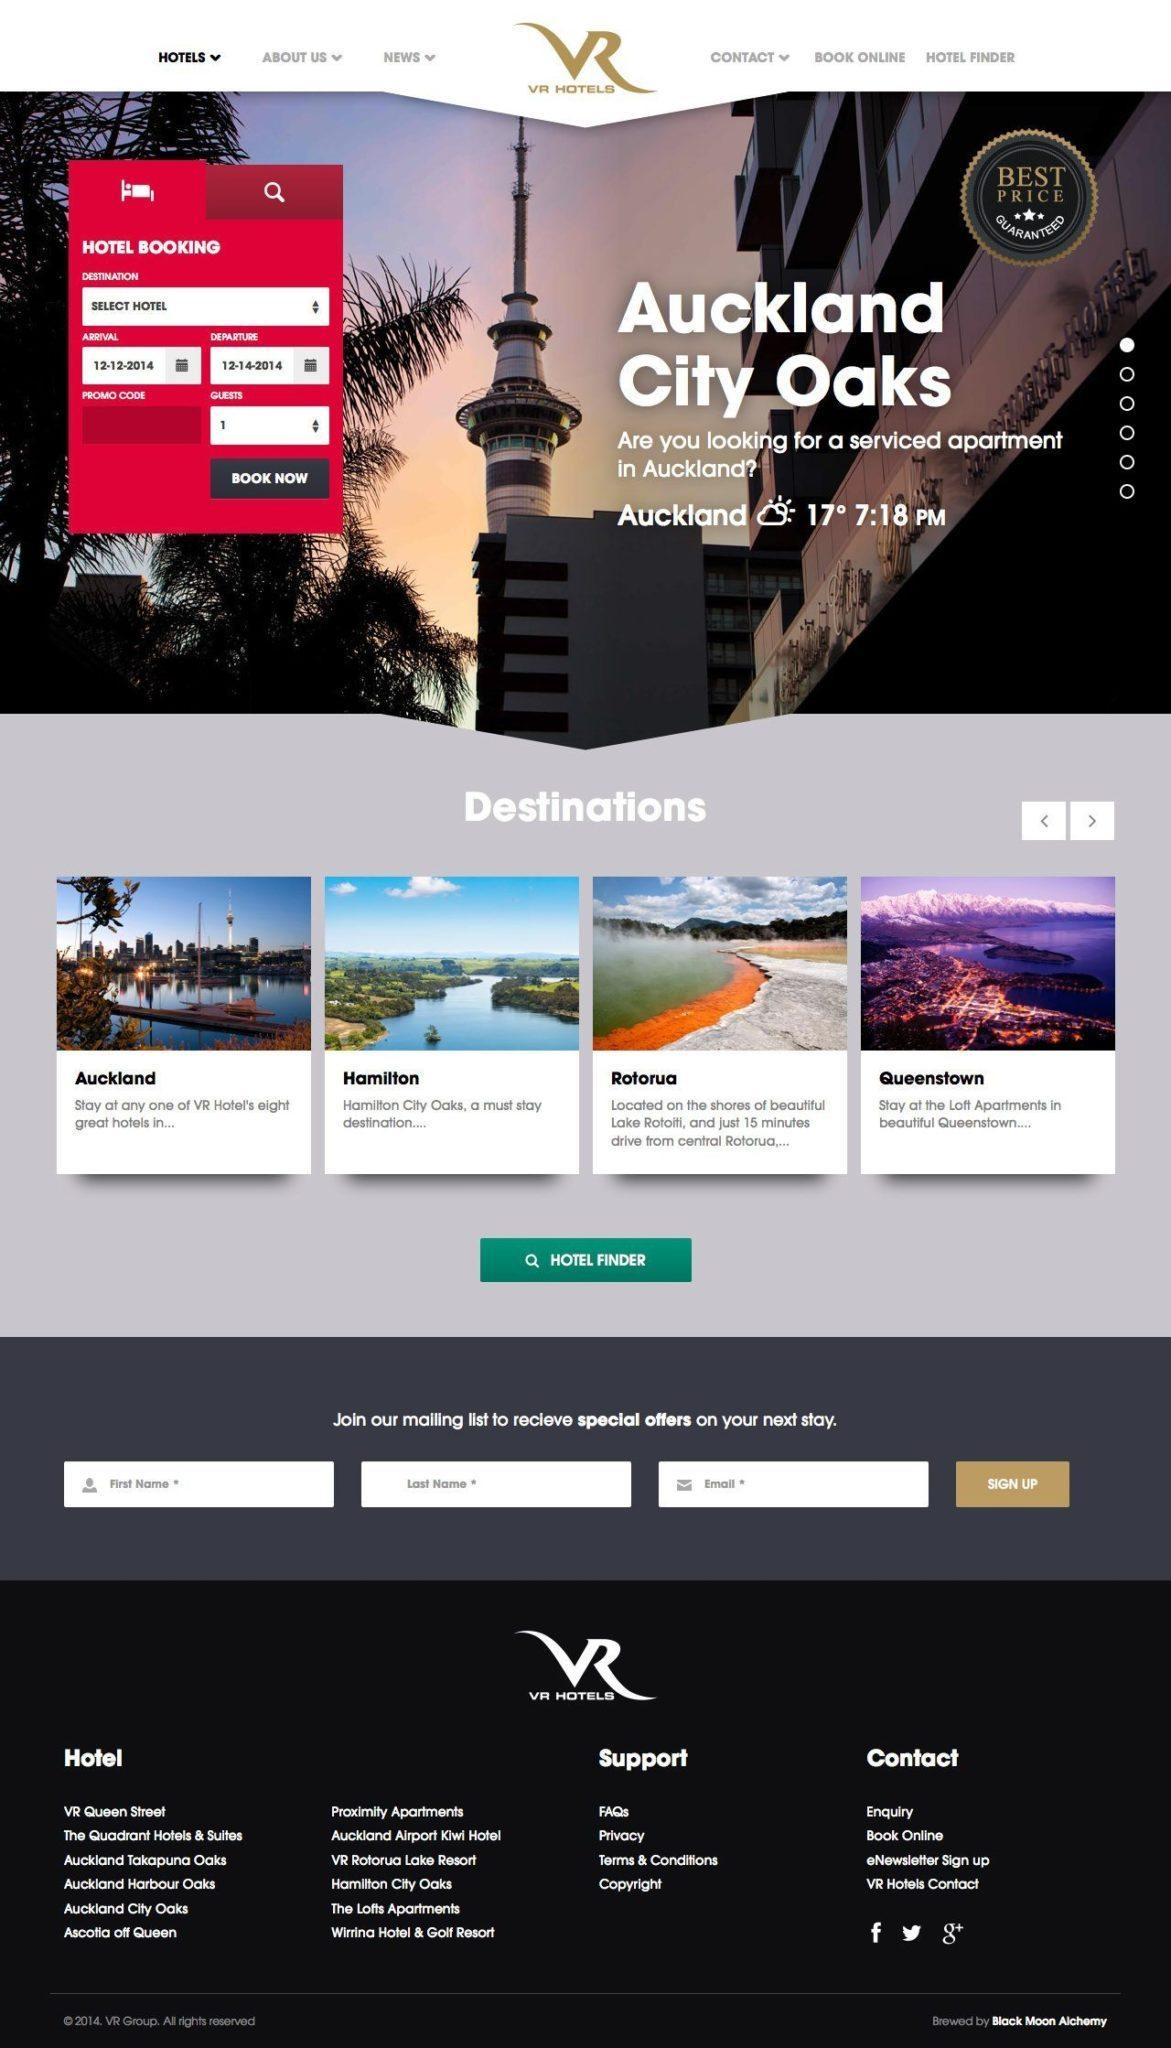 VR Hotels Website Homepage